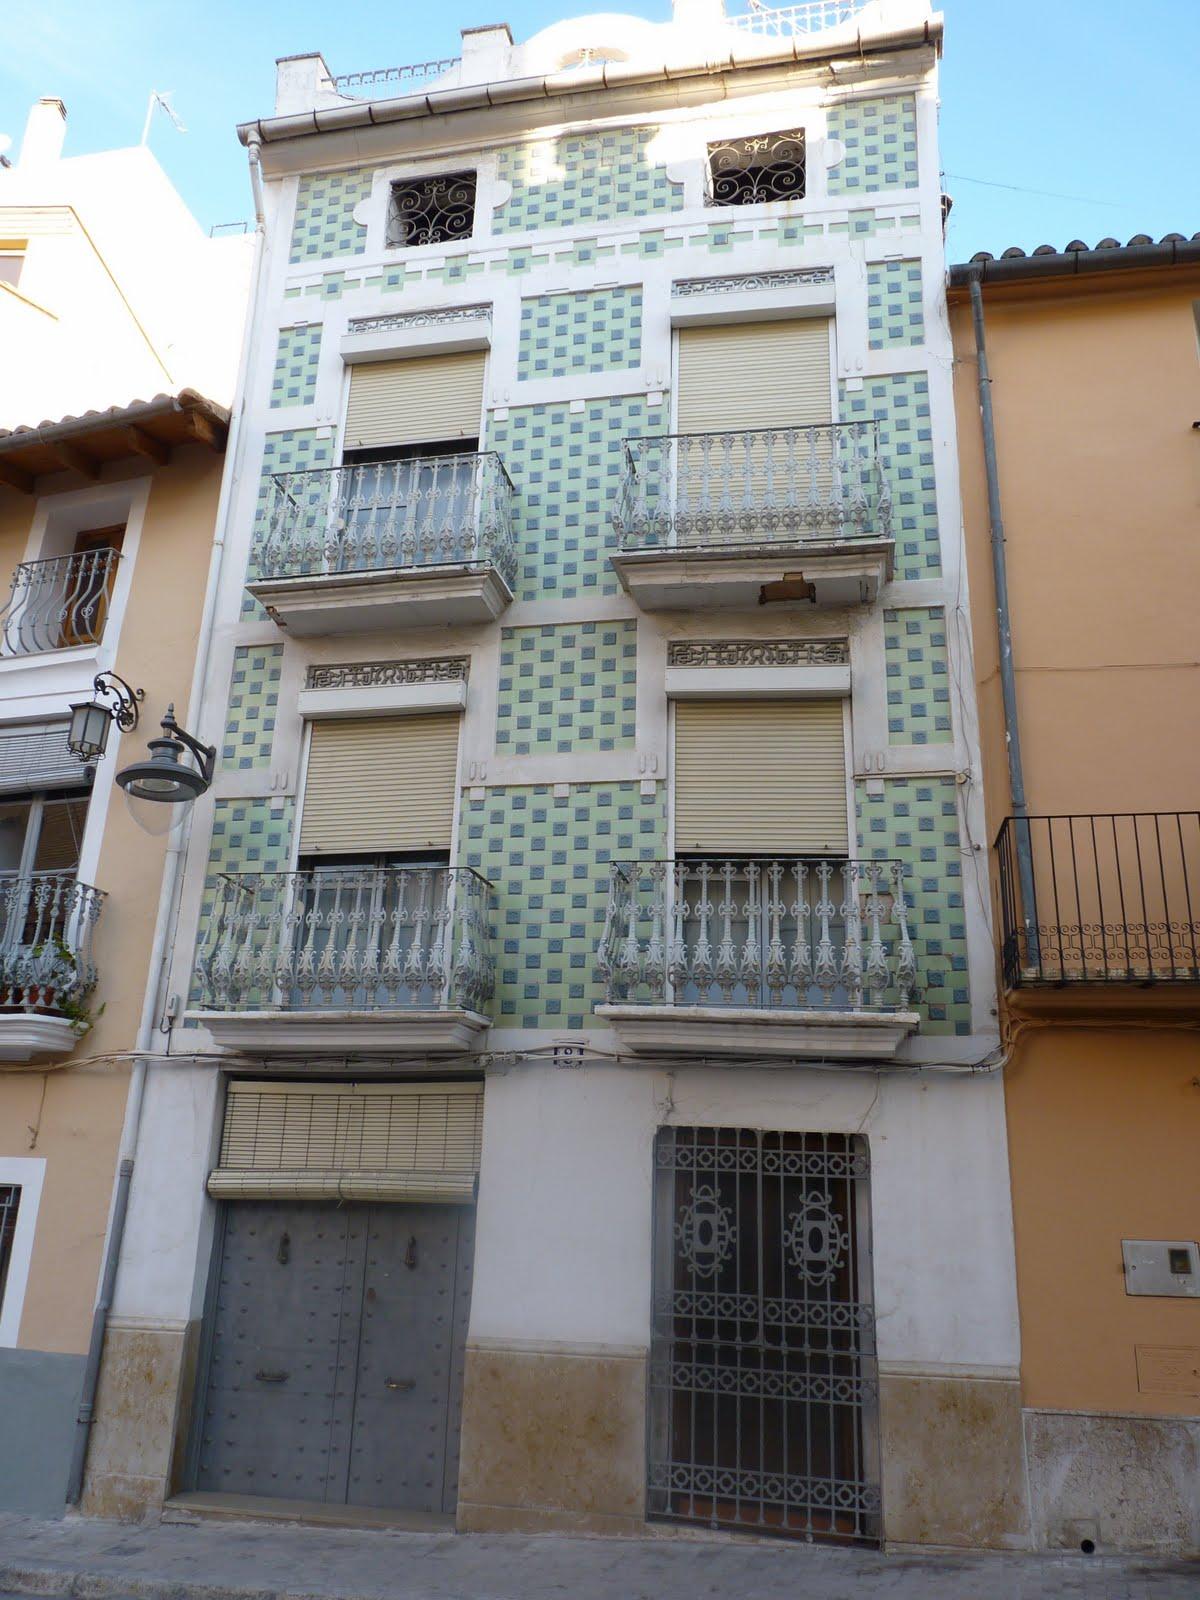 Valles 16 las fachadas de azulejos de x tiva for Fachadas de casas con azulejo